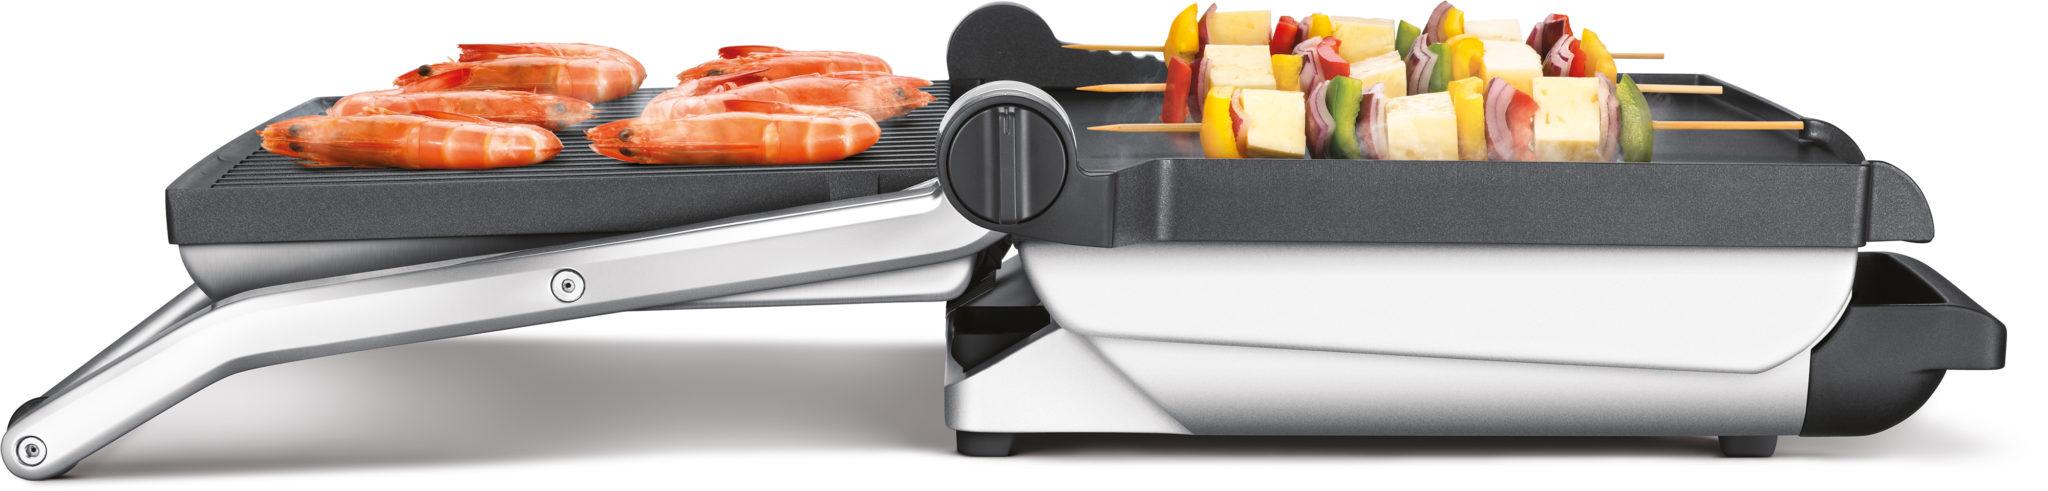 Gril Sage 800GR & BBQ Gril 2v1 má aj vyberateľnú misku na odkvapkaný tuk